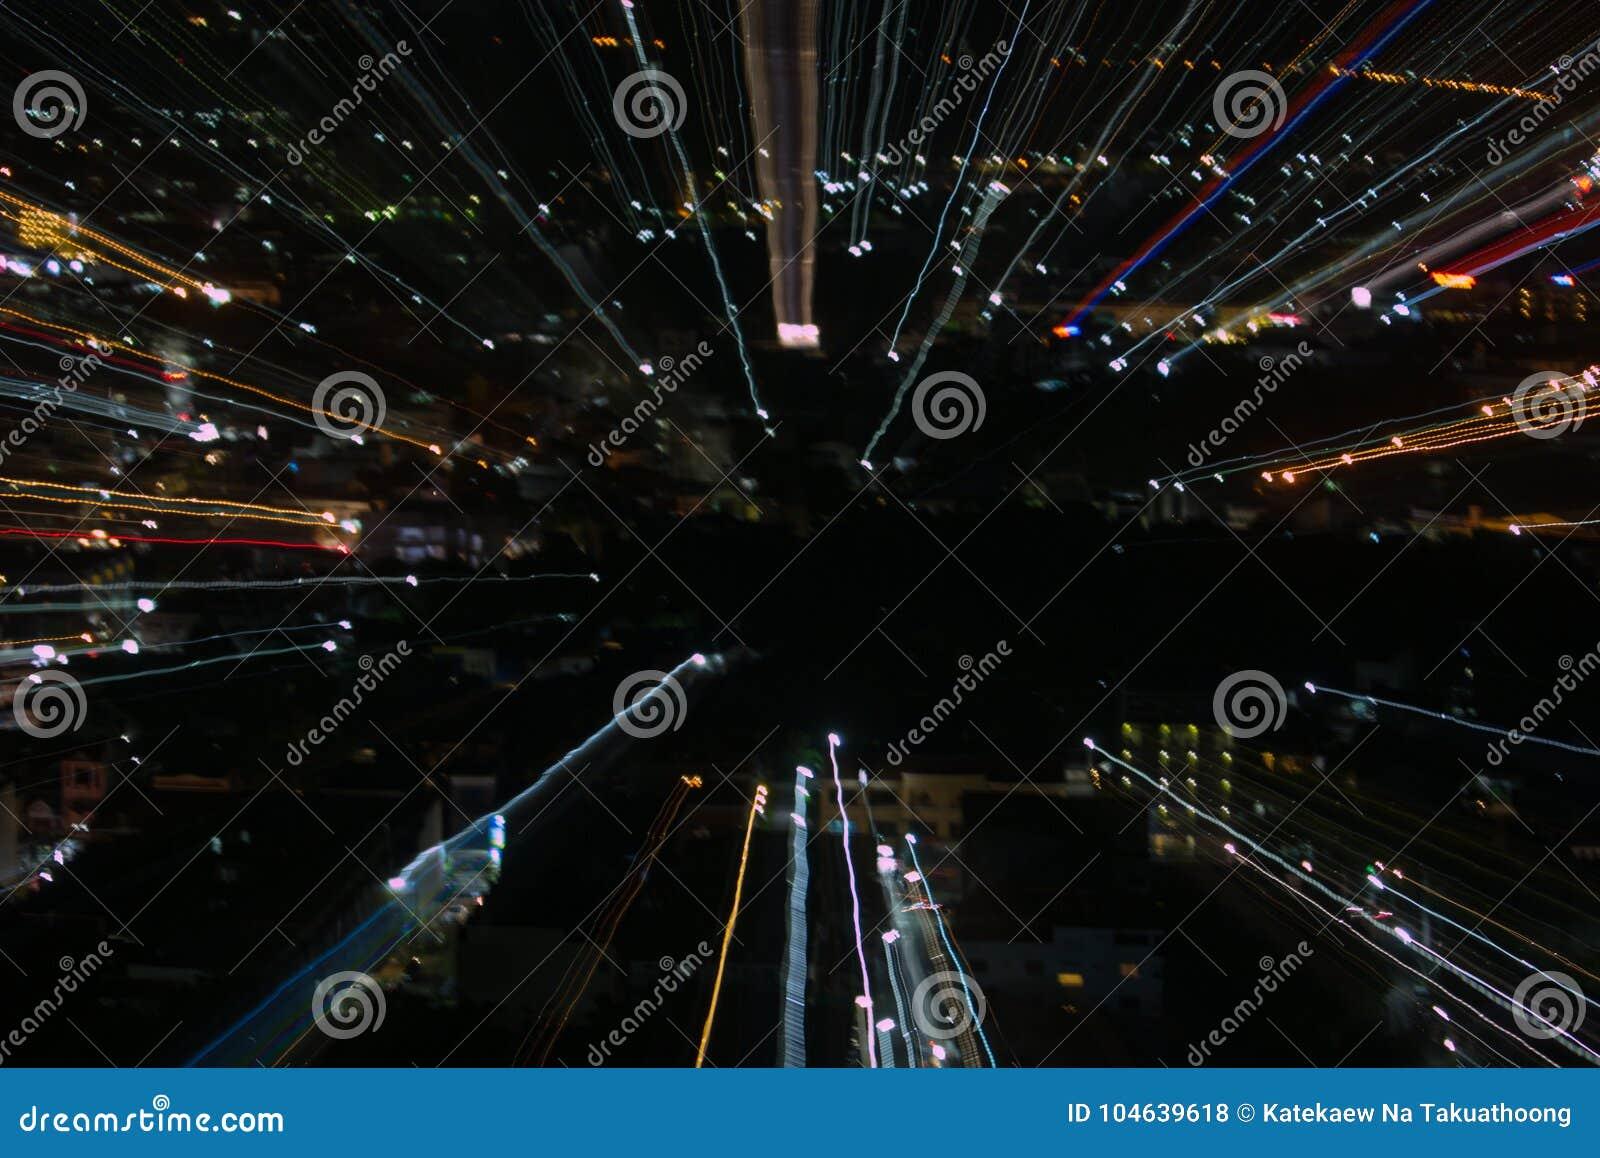 Download Het Effect Van Het Ontploffingsgezoem, Lichte Lijnen Met Lange Blootstelling Stock Foto - Afbeelding bestaande uit uitbarsting, filter: 104639618